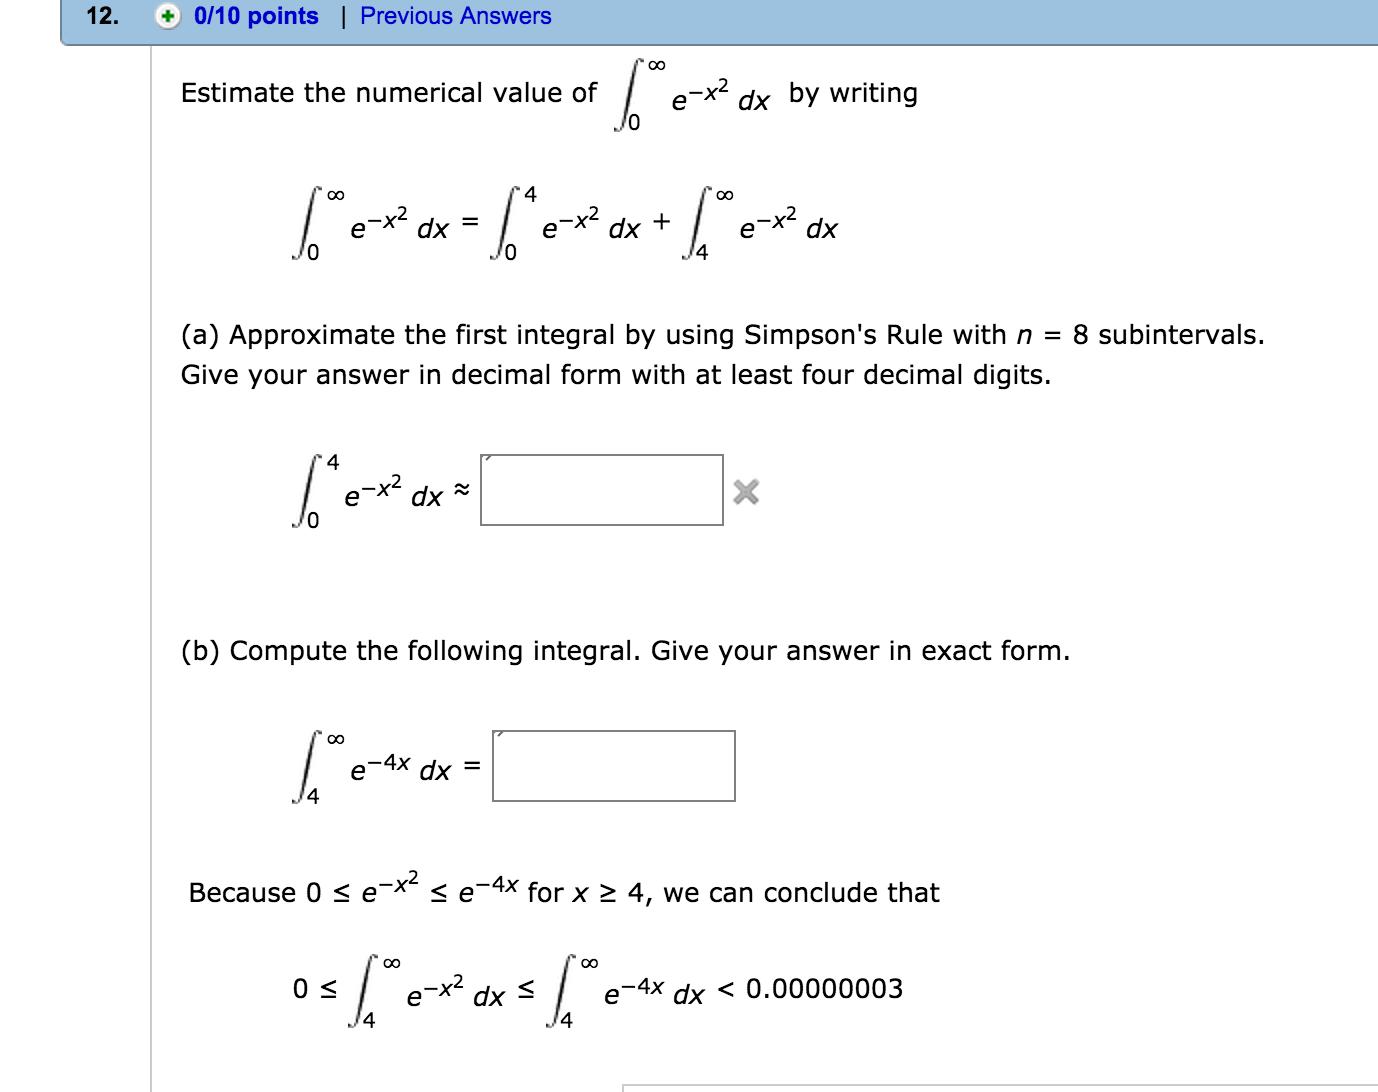 Estimate The Numerical Value Of Infinity 0 E-x2 Dx... | Chegg.com